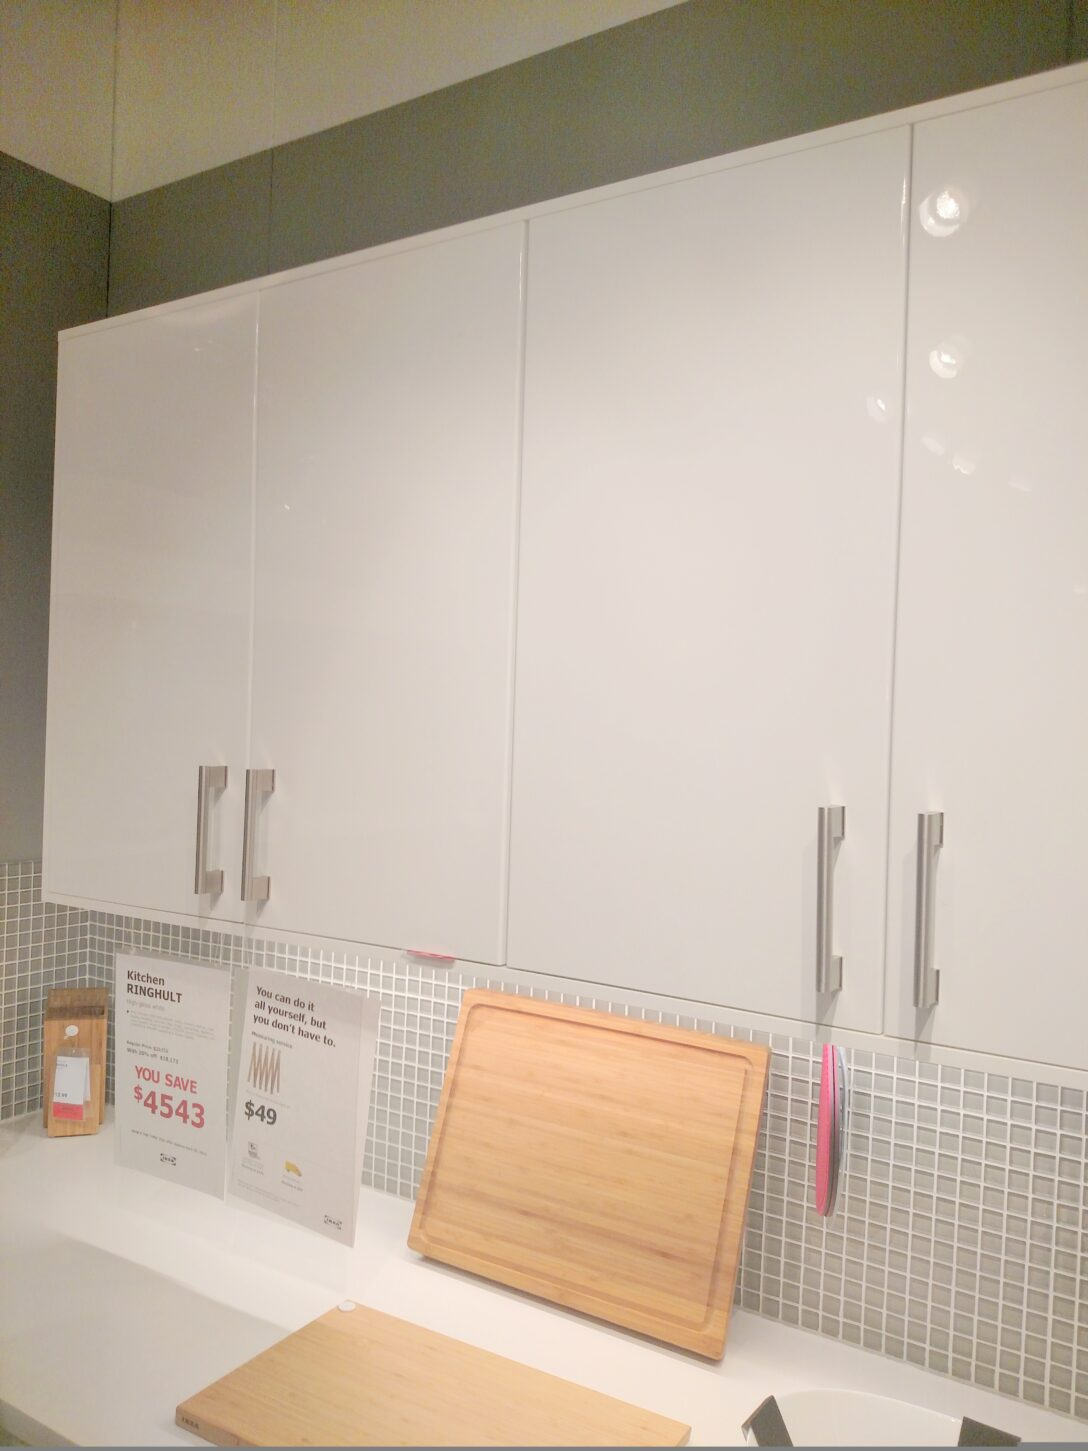 Large Size of Ringhult Ikea Kitchen Wall Cabinets Küche Kaufen Kosten Betten 160x200 Bei Modulküche Sofa Mit Schlaffunktion Miniküche Wohnzimmer Ringhult Ikea